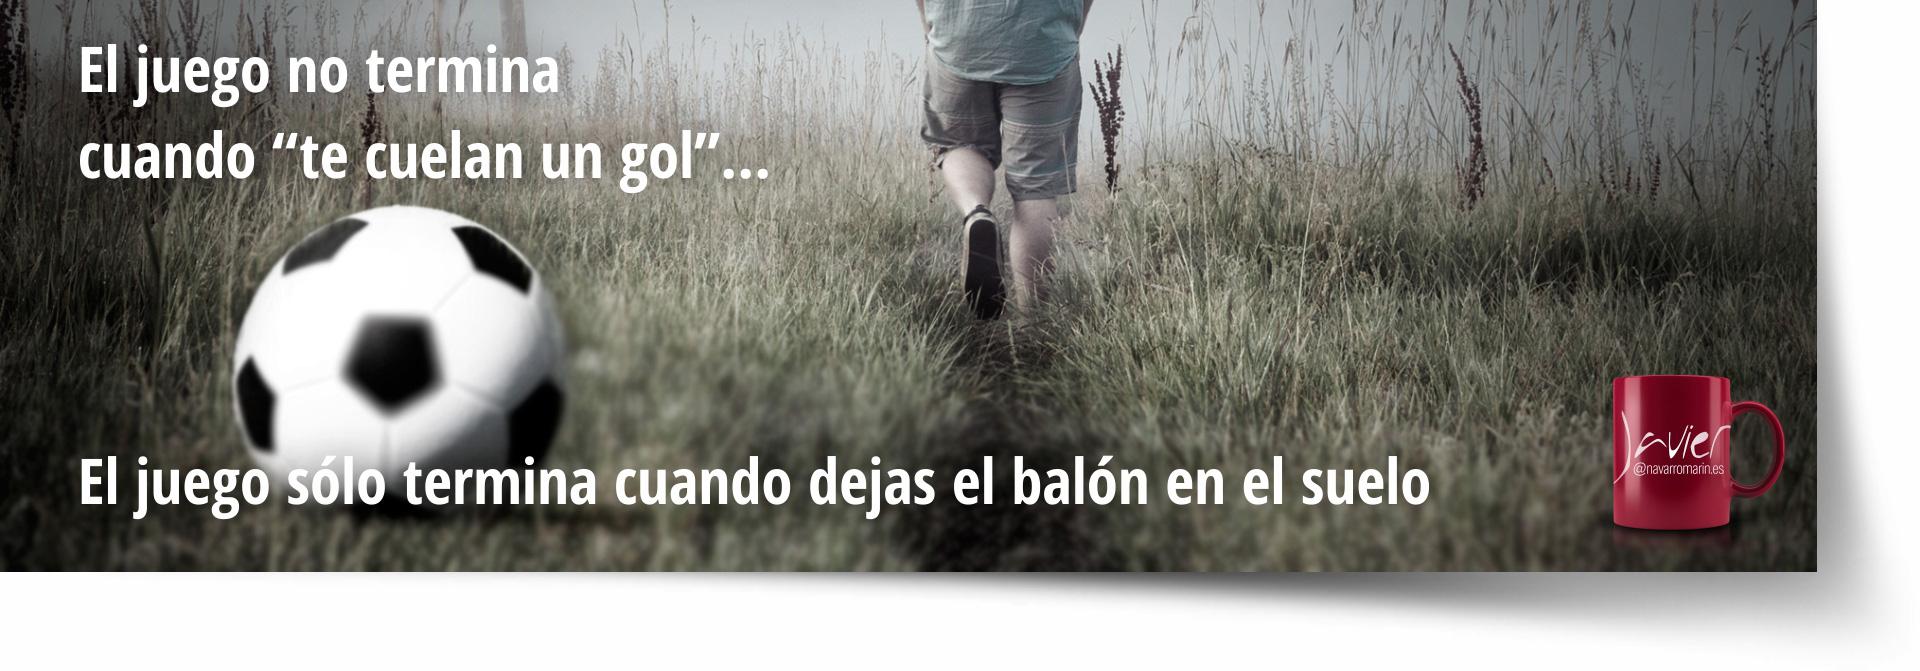 sigue y no dejes el balon en el suelo